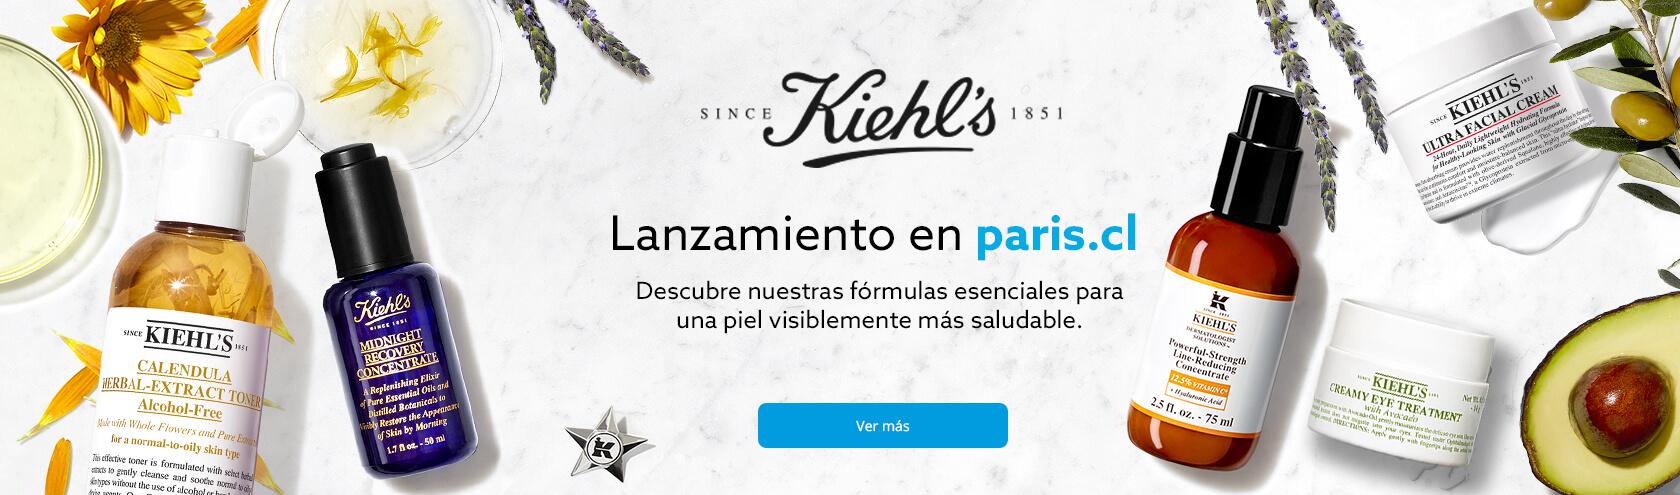 Lanzamiento Kielhs